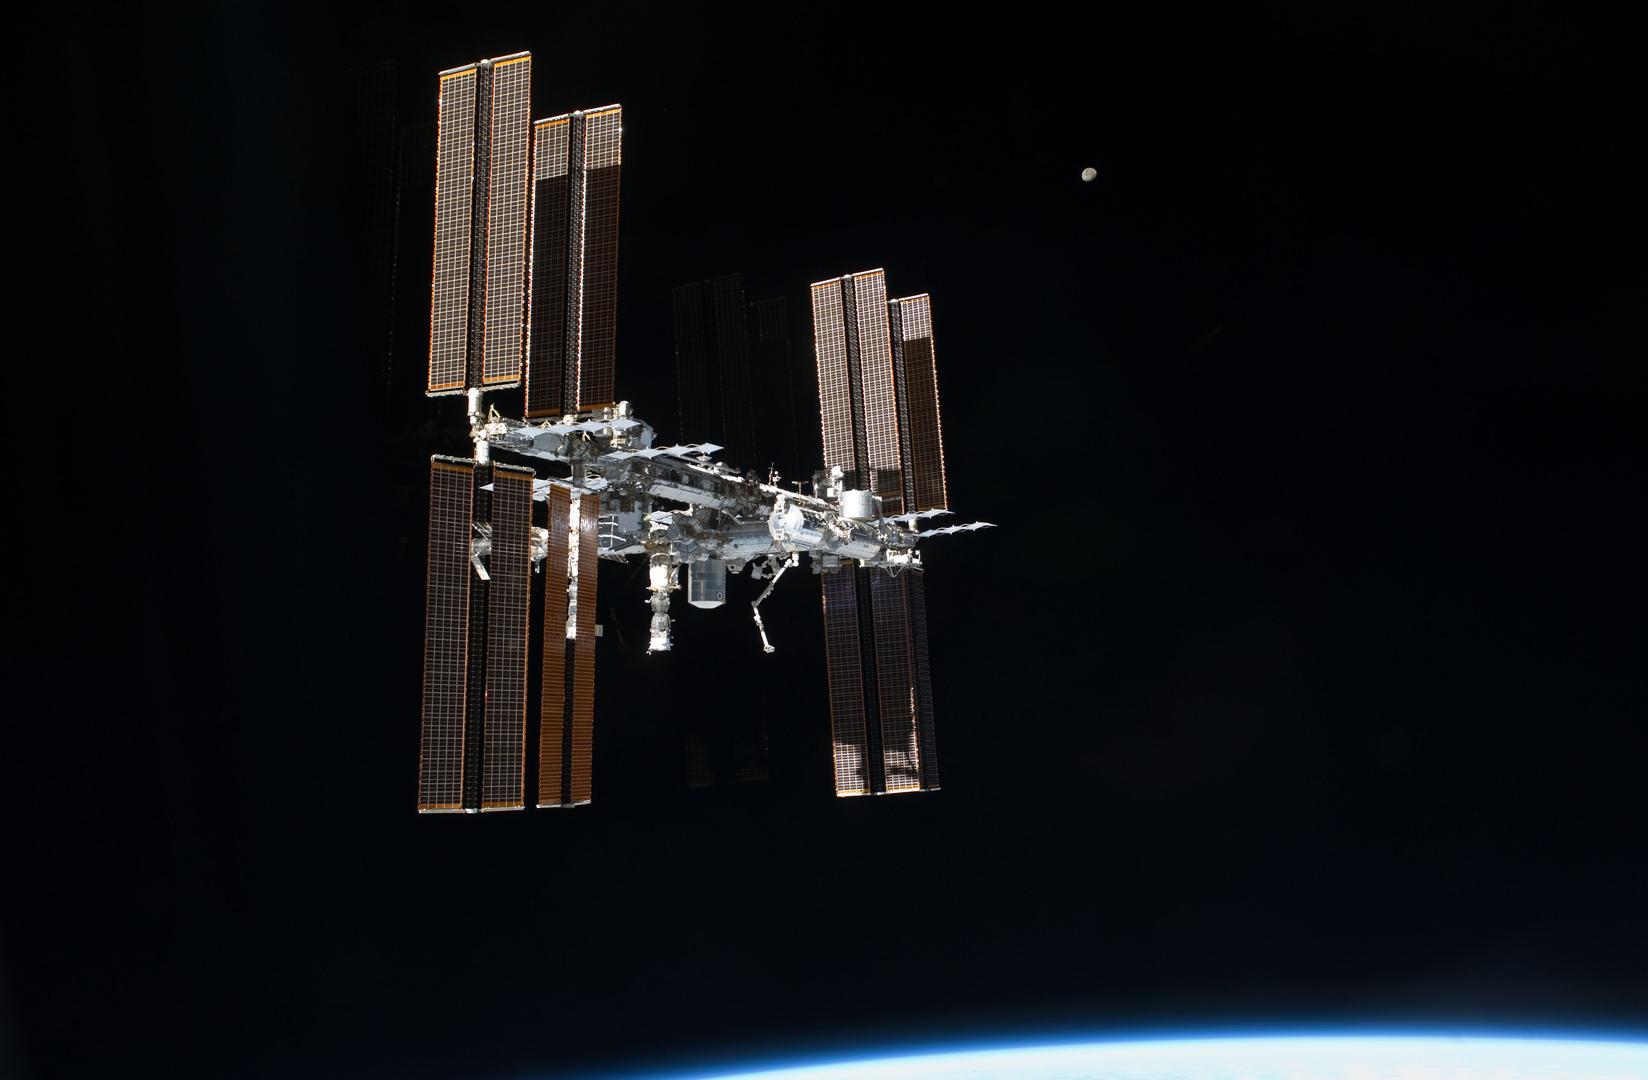 「宇宙飛行士の精神心理健康状態評価手法の高度化を目指す有人閉鎖環境滞在研究」の実施に関する記者説明会